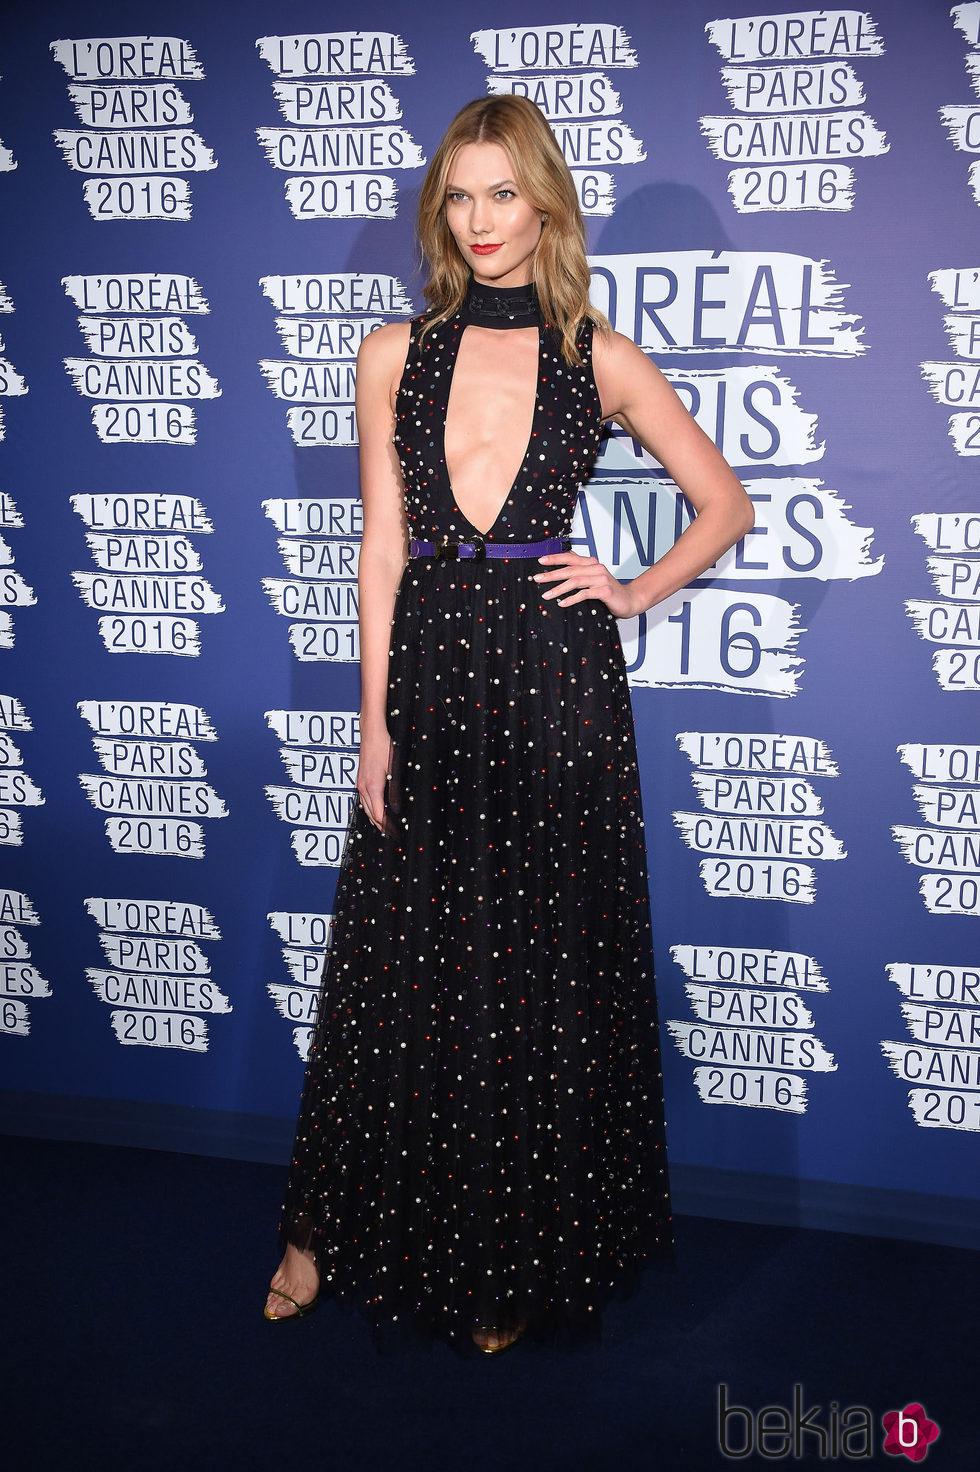 Karlie Kloss en la fiesta 'Blue Obssesion' de L'oréal Paris durante el Festival de Cannes 2016